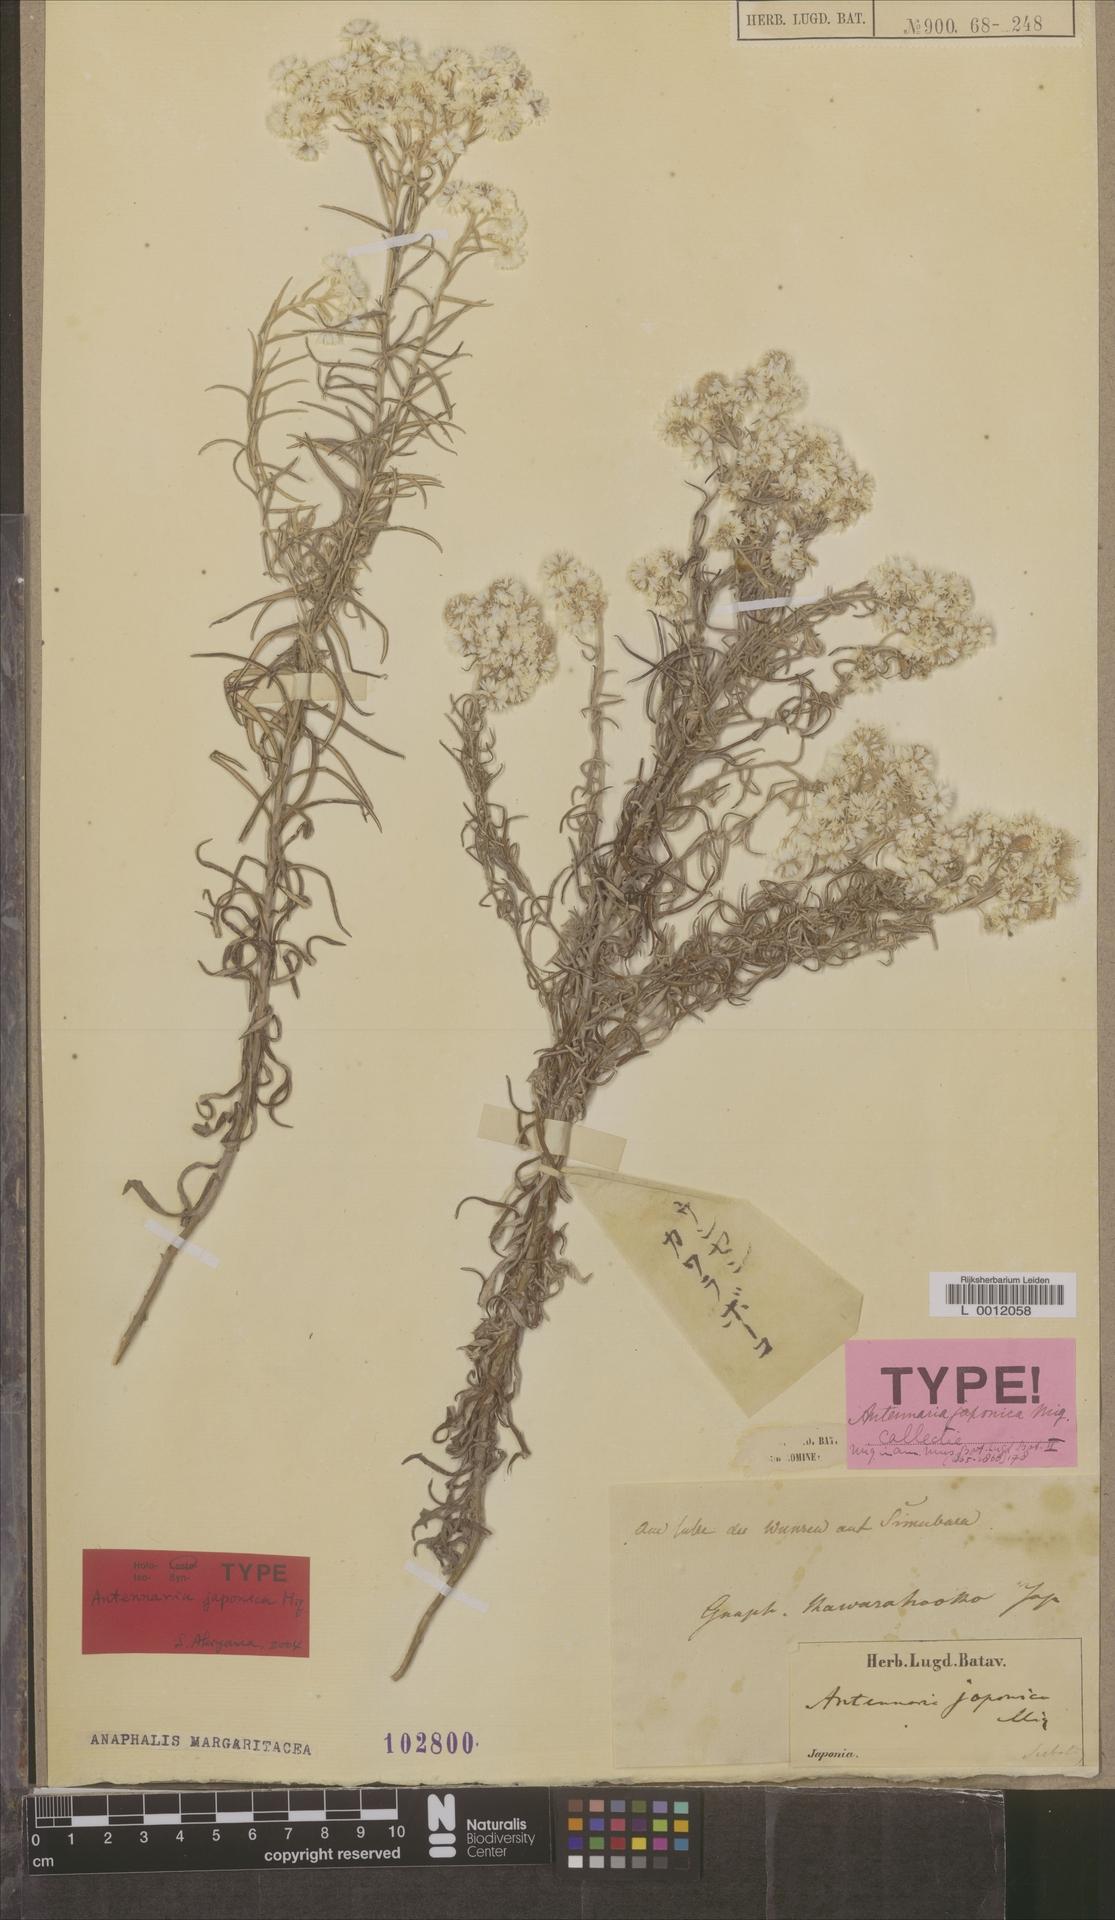 L  0012058 | Anaphalis margaritacea (L.) Benth. & Hook.f.